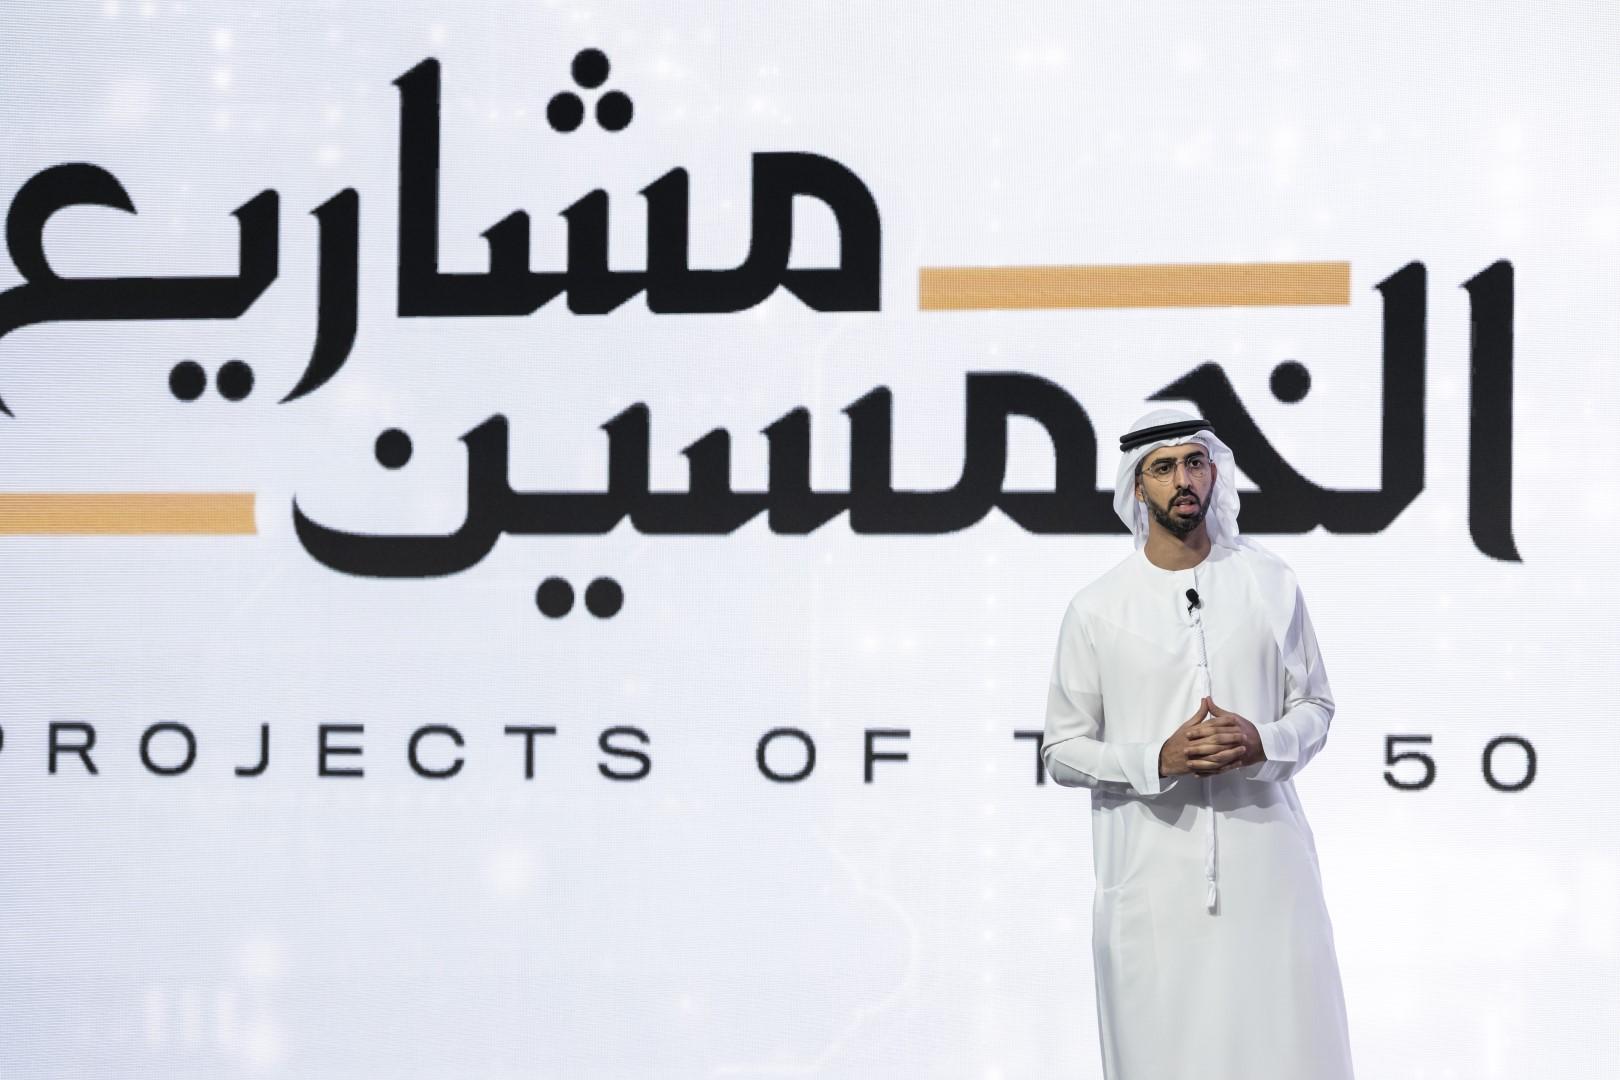 حكومة دولة الإمارات تعلن عن تخصيص 5 مليارات درهم لدعم مشاريع الشباب و 5 مليارات درهم لدعم تطوير القطاع الصناعي نحو التقنيات الحديثة